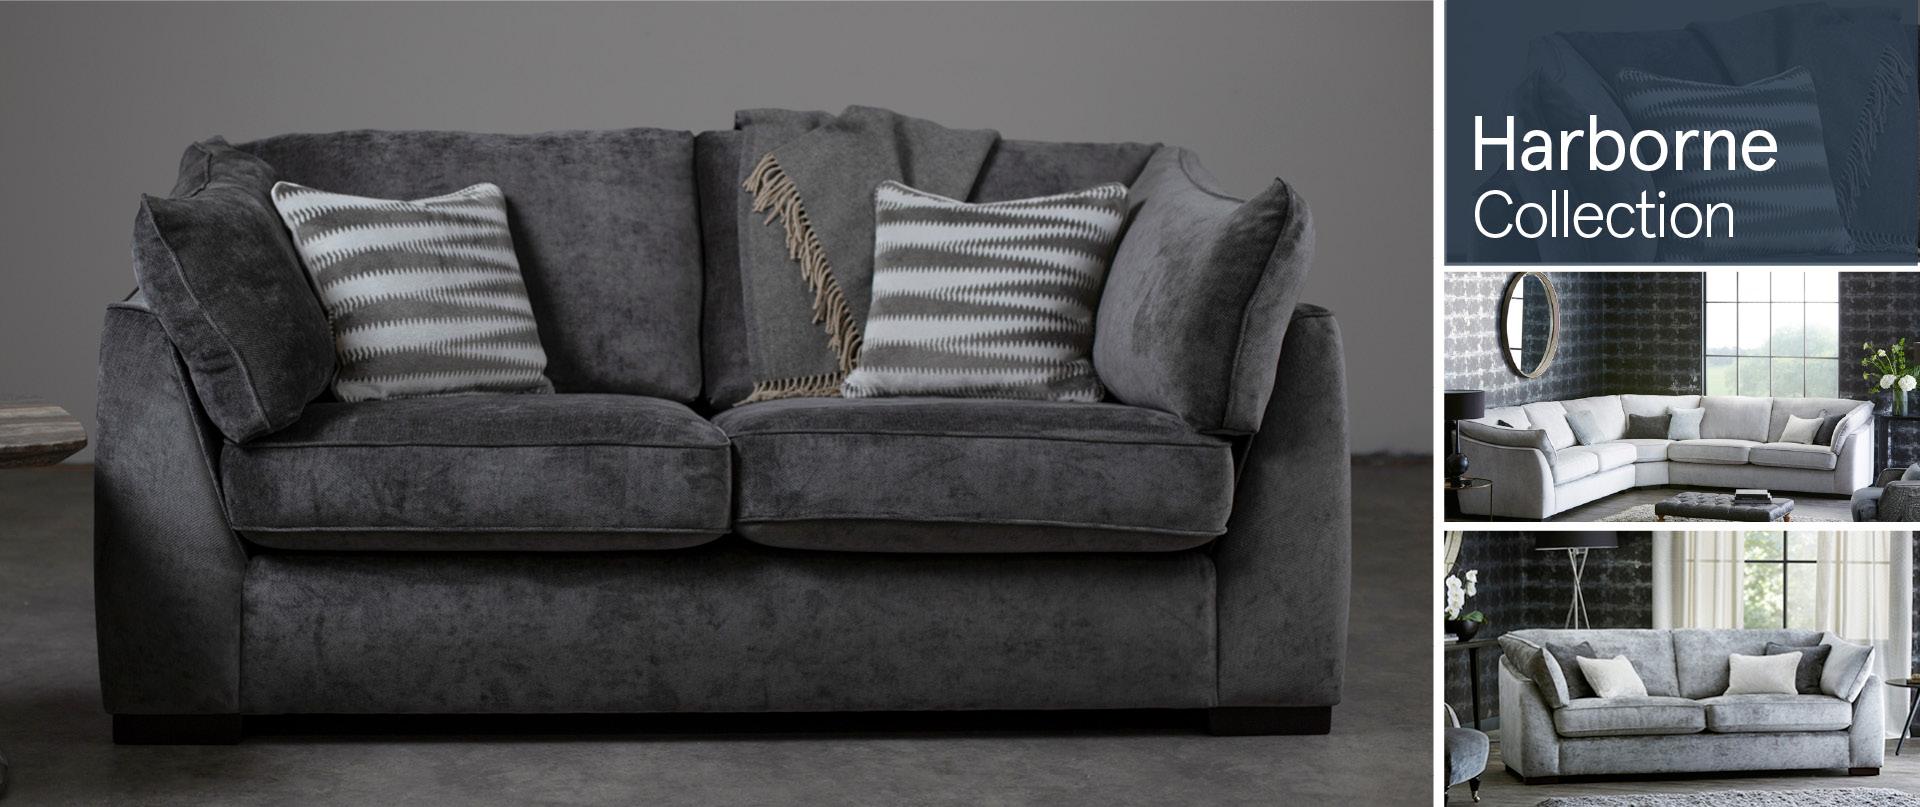 Harborne Fabric Sofa Ranges